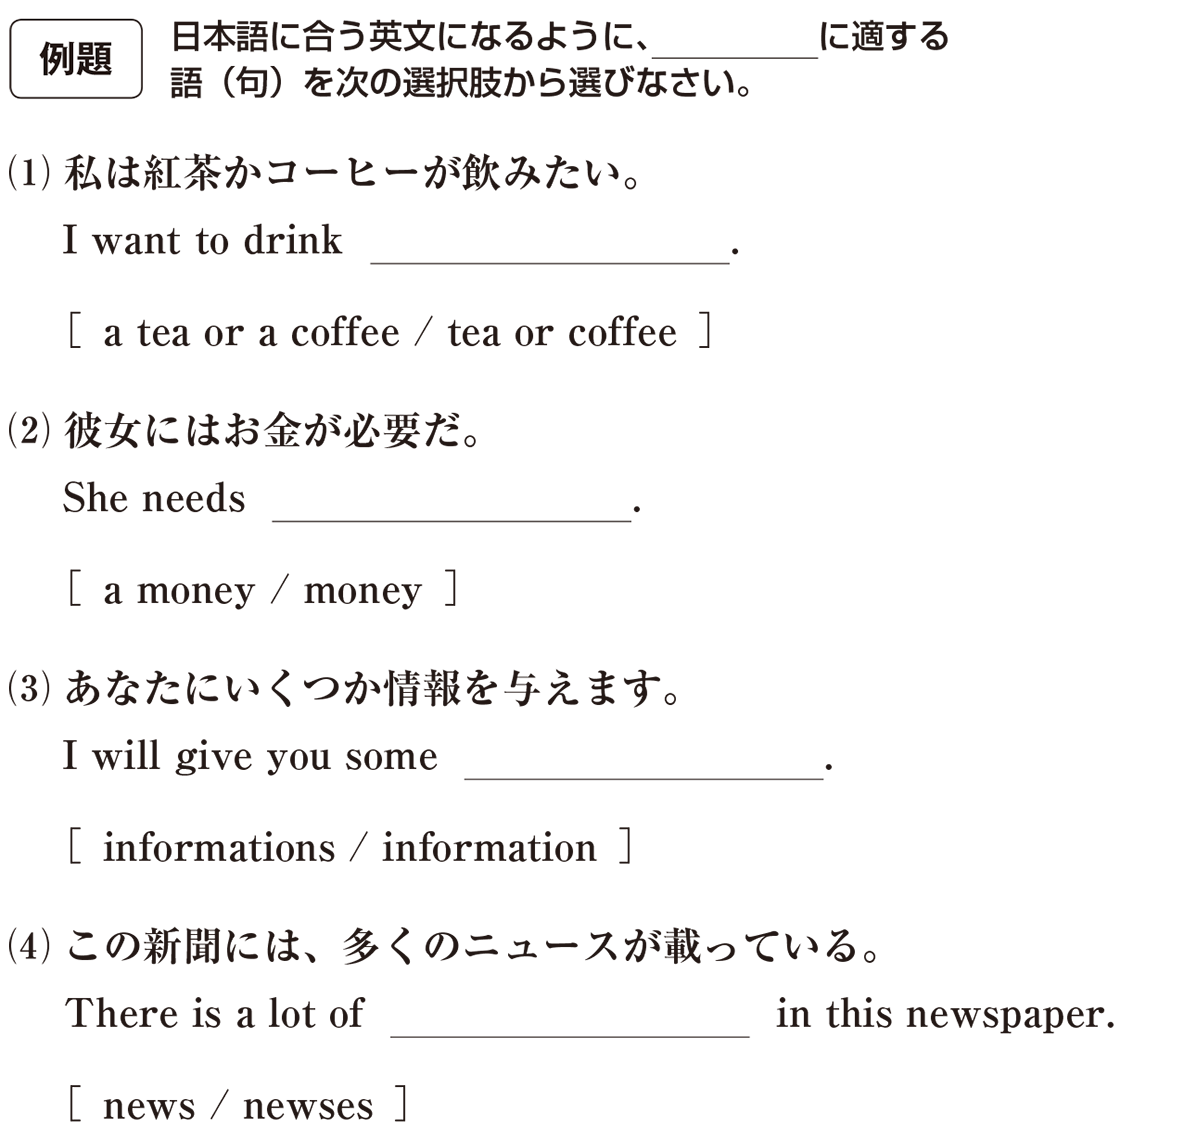 高校英語文法 名詞・冠詞1・2の例題(1)(2)(3)(4) アイコンあり